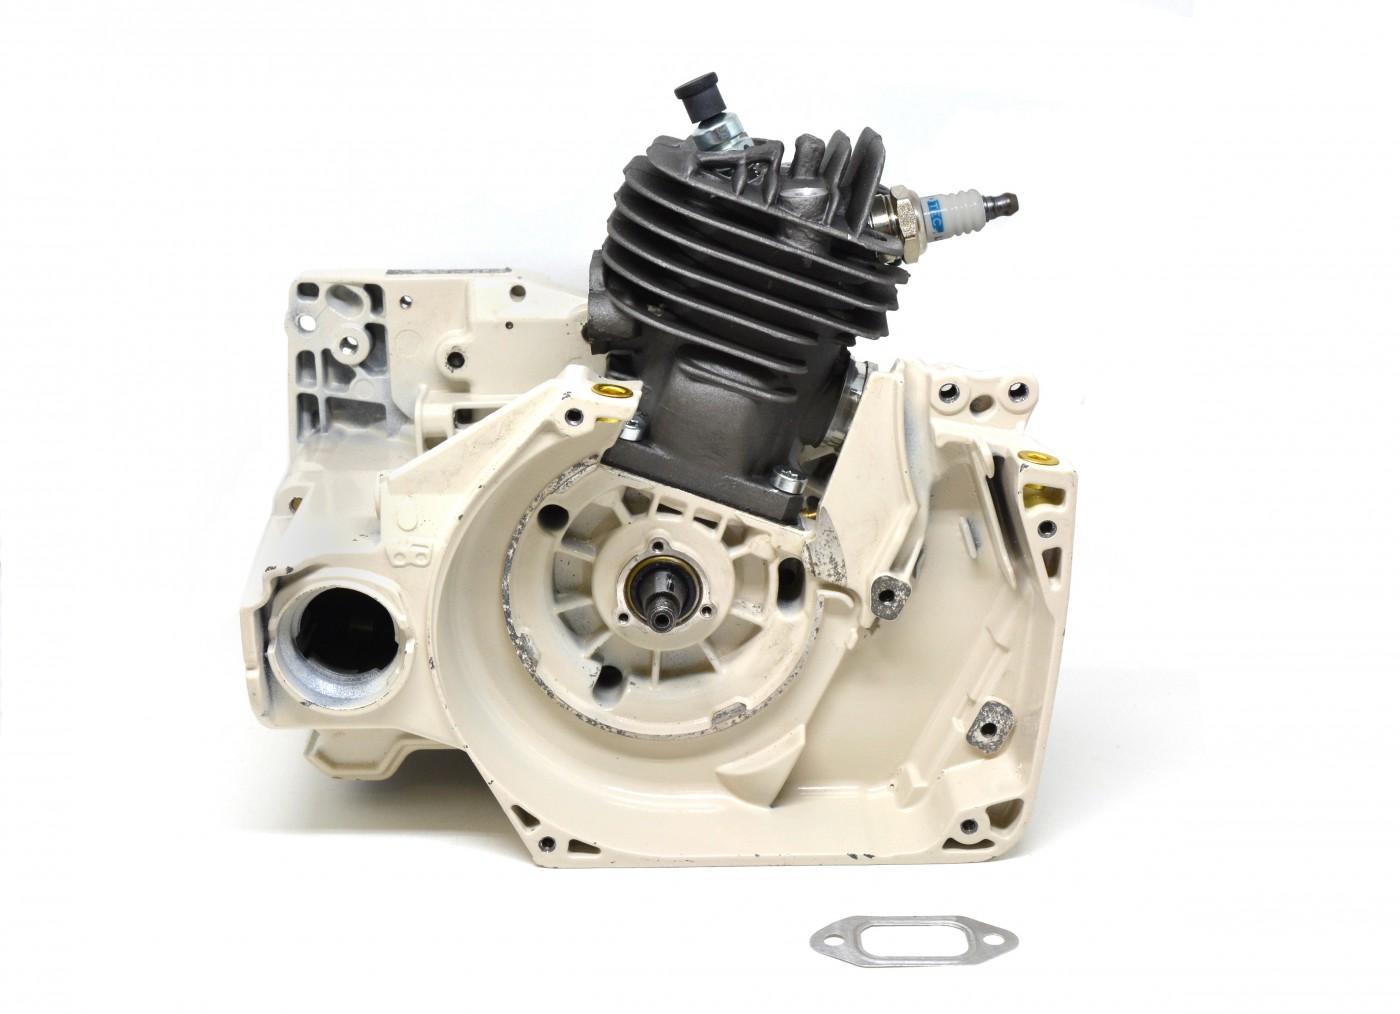 Stihl MS 260 026 MS 240 024 motor + kliková skříň SUPER AKCE sleva 1600 Kč